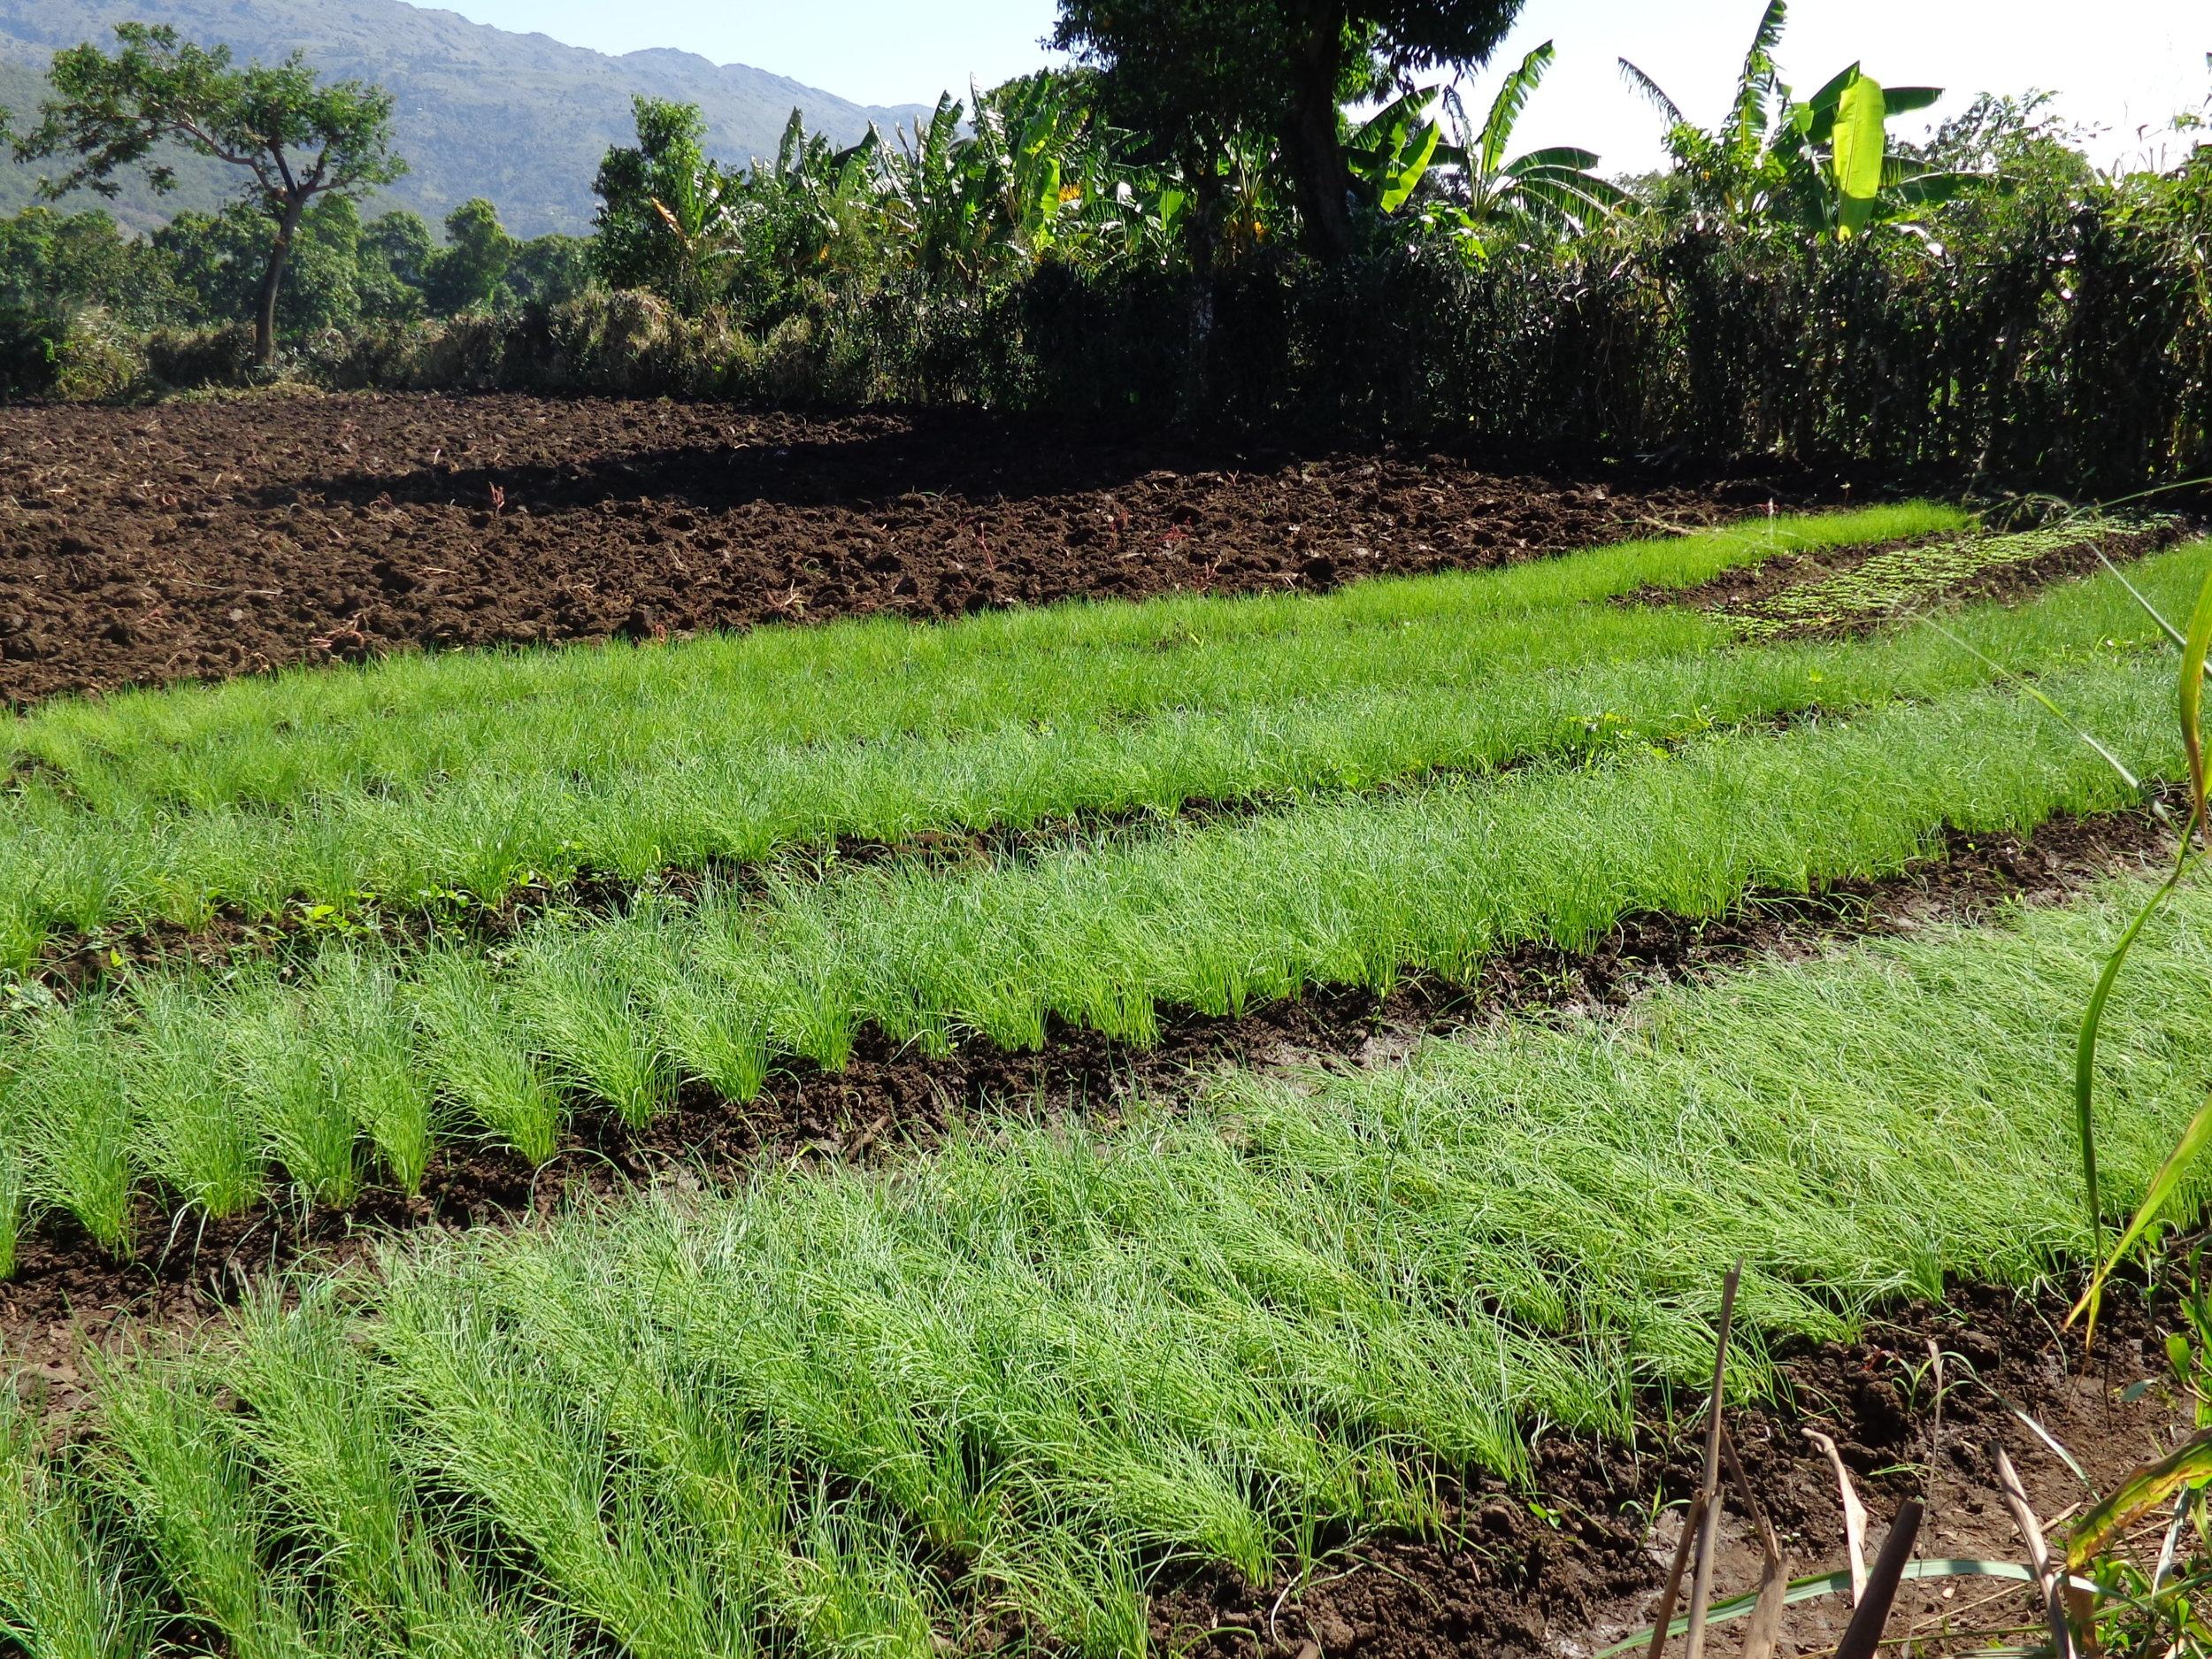 Crops growing near St. Rafael, Haiti.